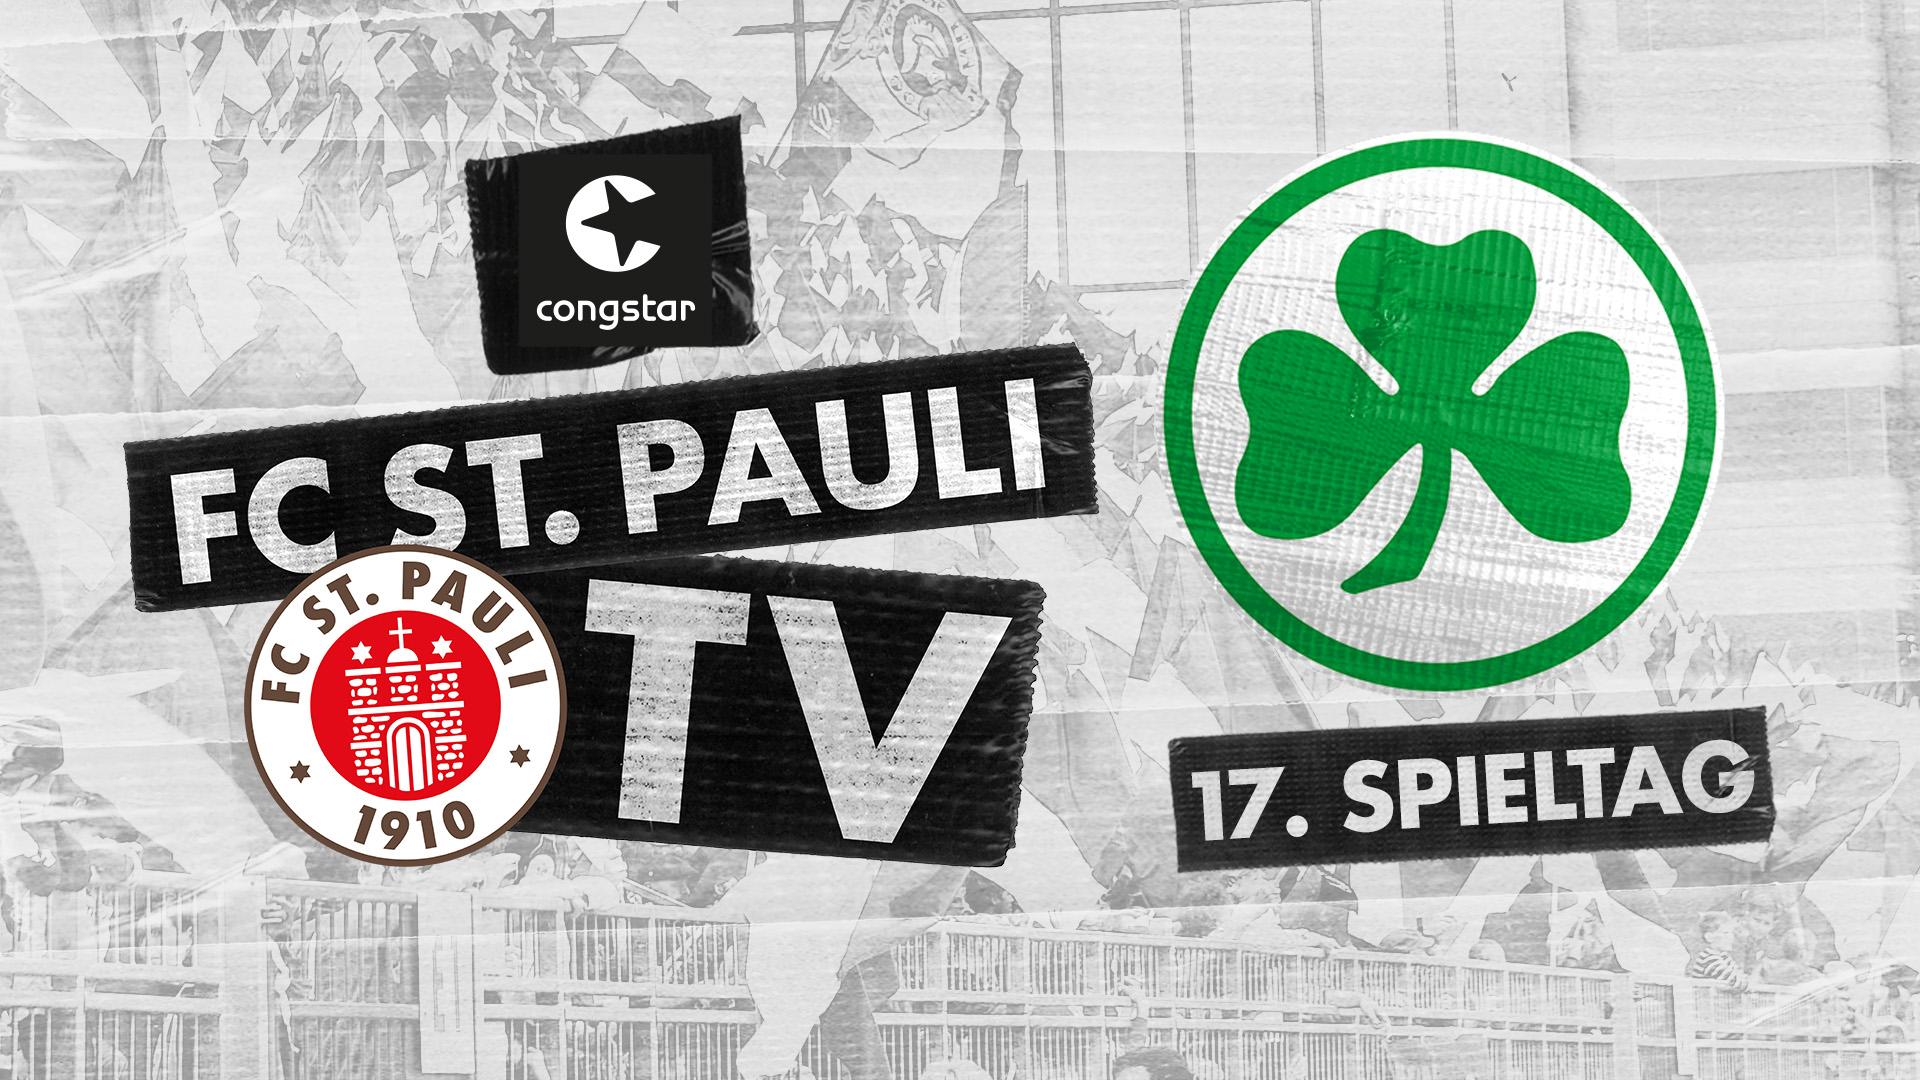 FC St. Pauli TV live - unsere Heimspielsendung gegen Fürth